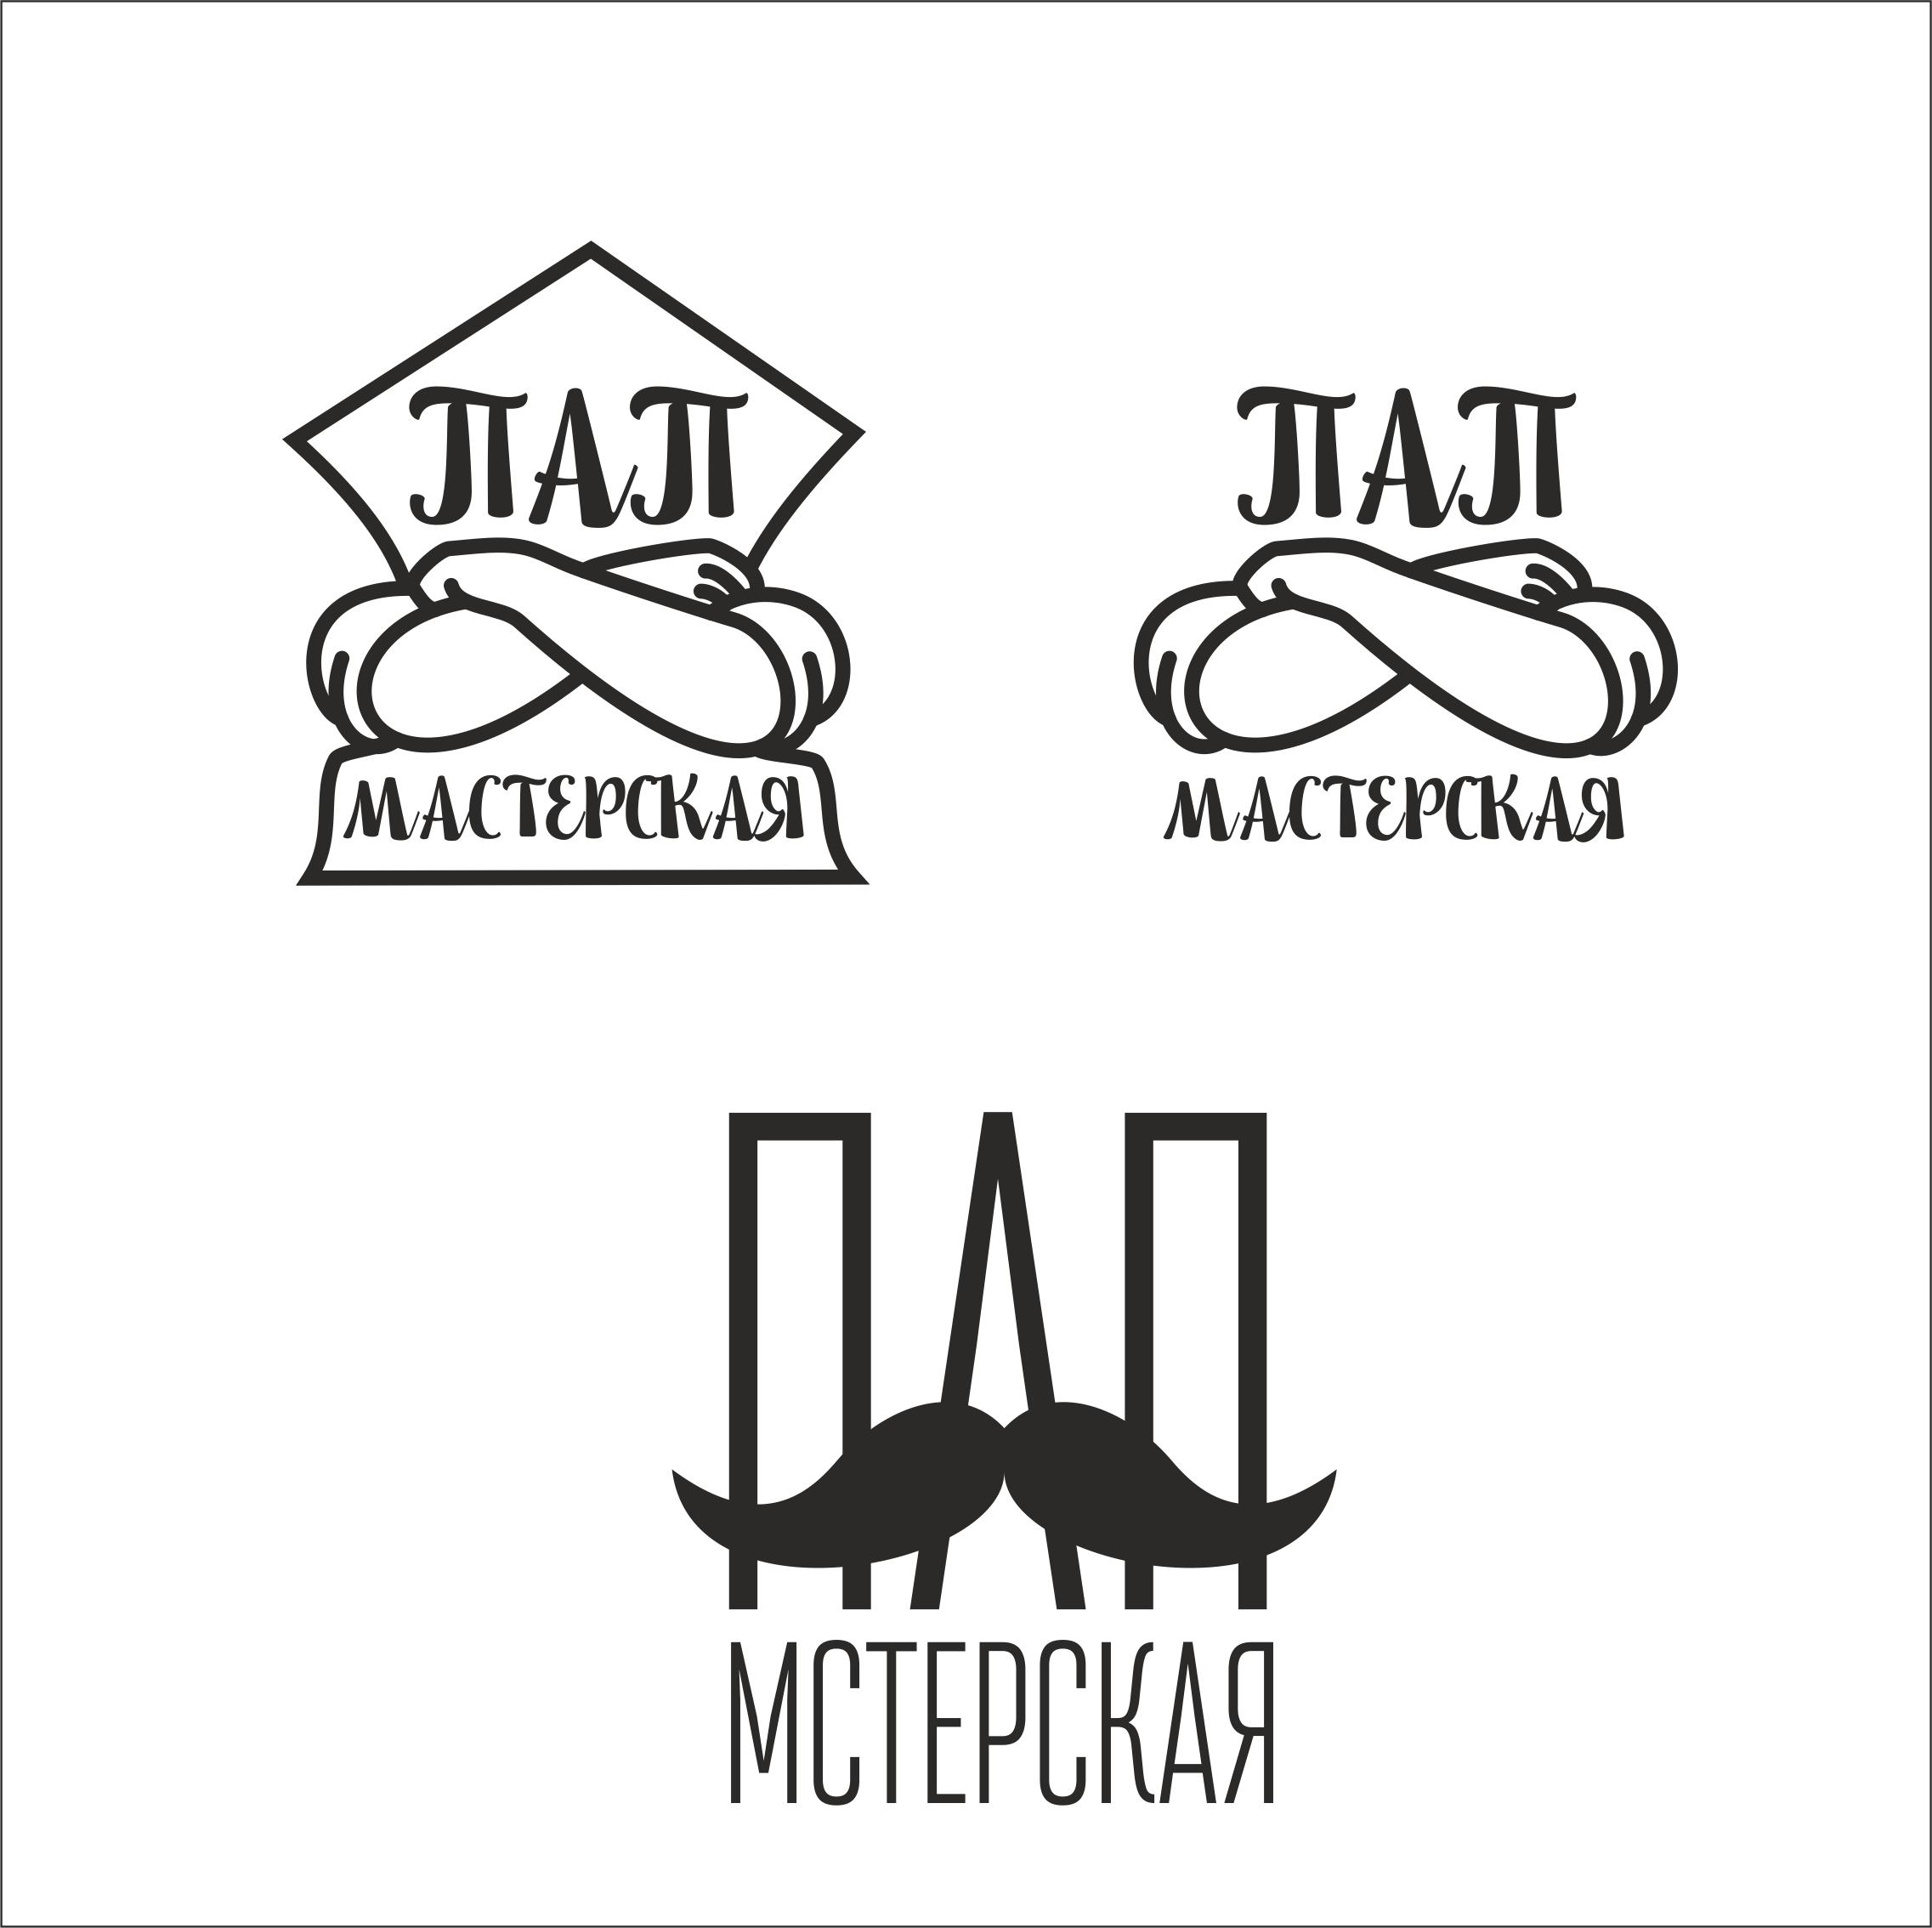 Разработка логотипа  фото f_9575aaa55fdd38d3.jpg